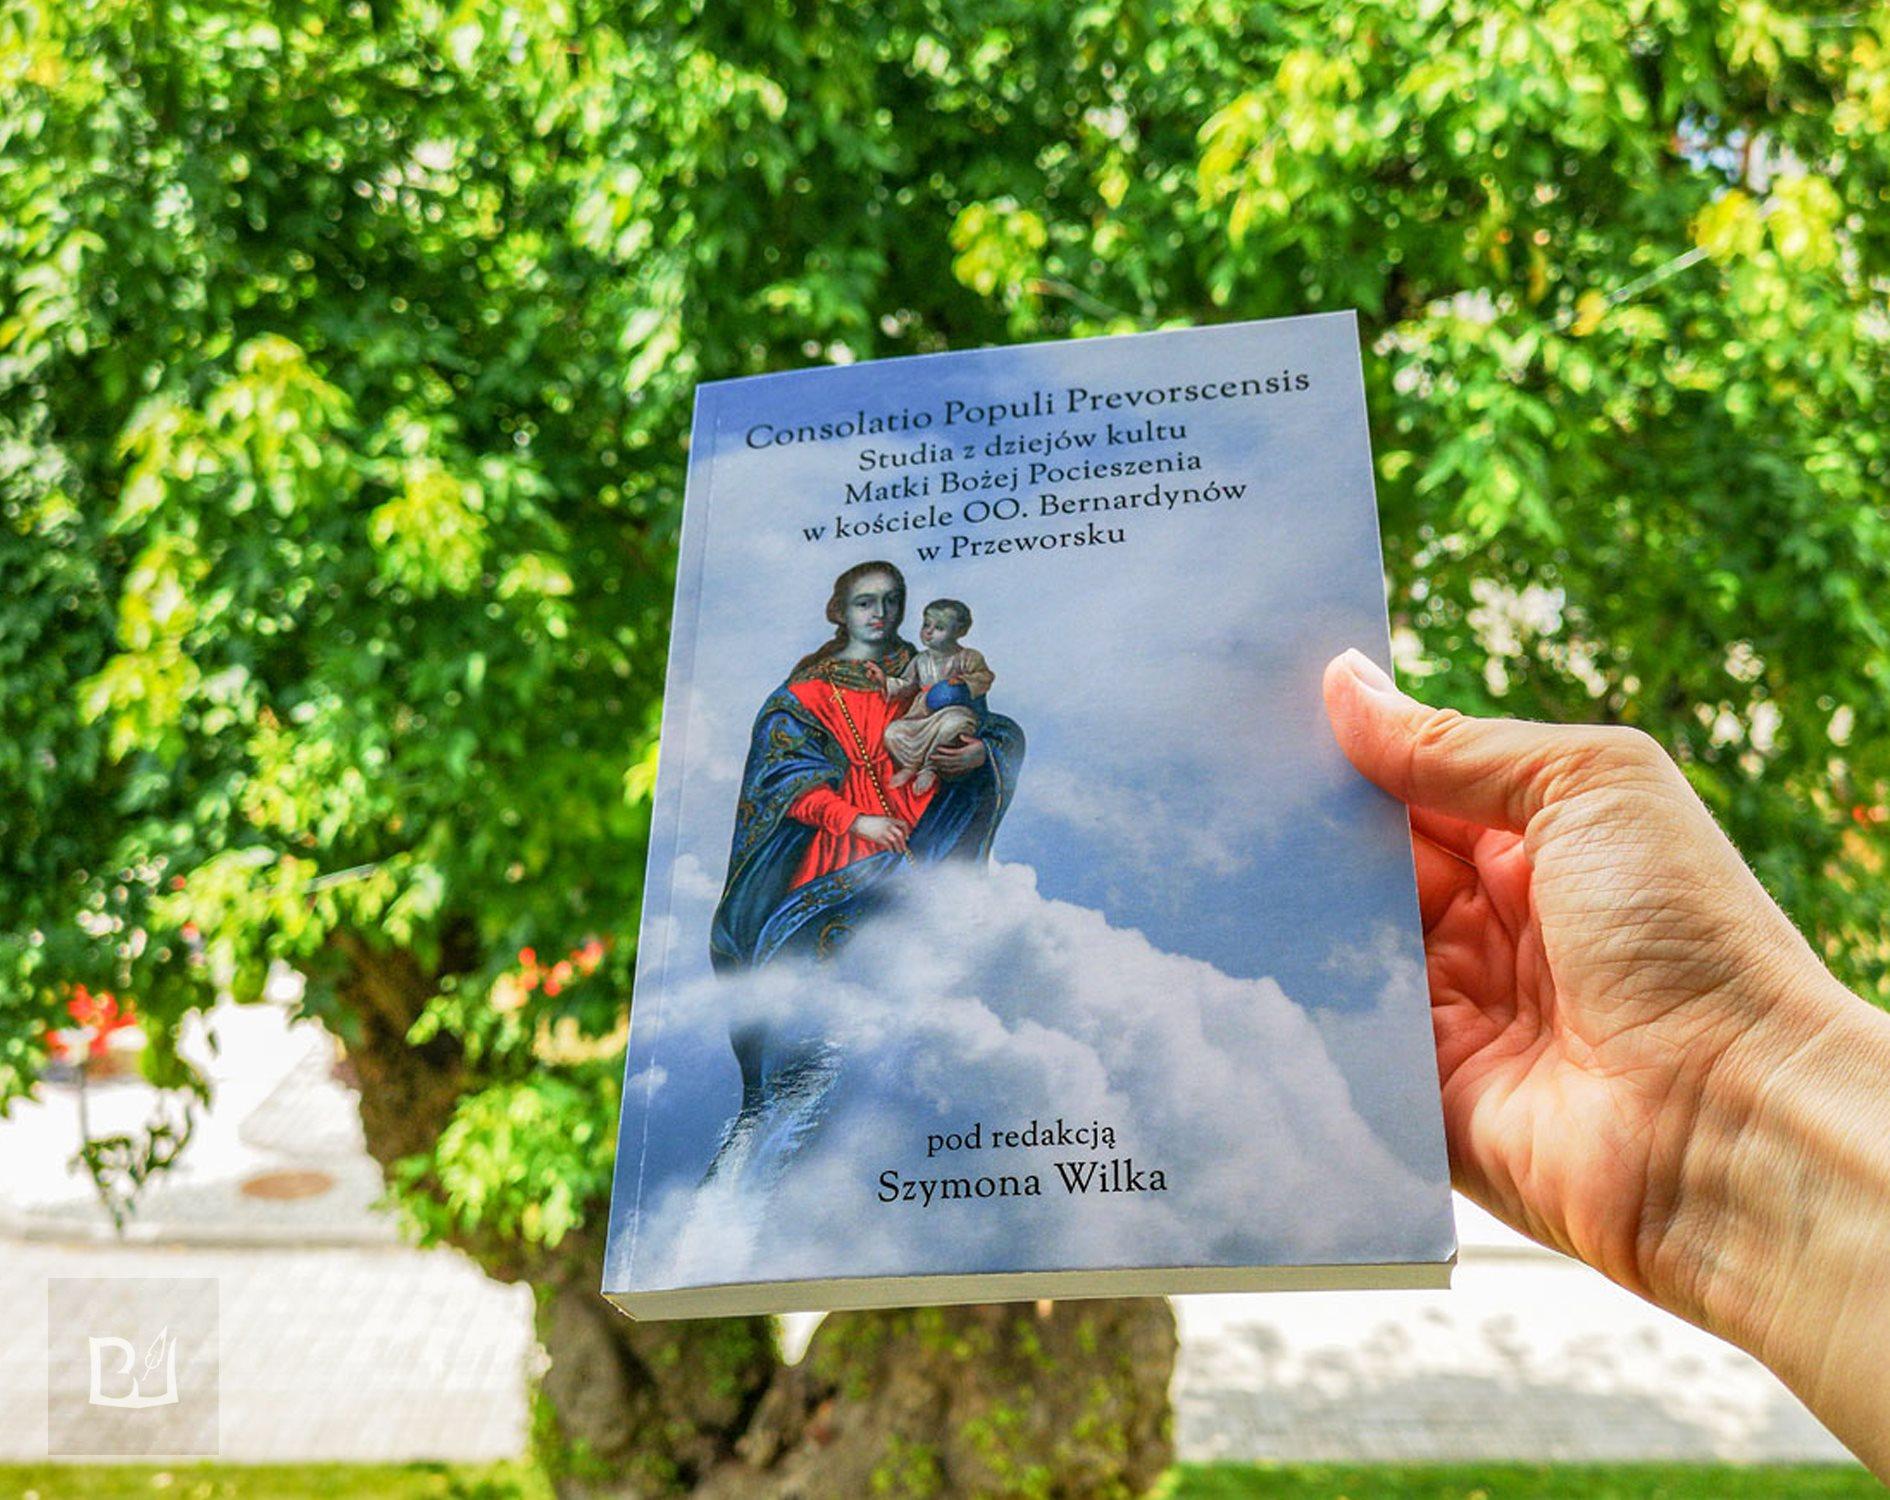 Consolatio Populi Prevorscensis Szymon Wilk Wojciech Kapusta Drukarnia Wydawnictwo Bonus Liber Rzeszów